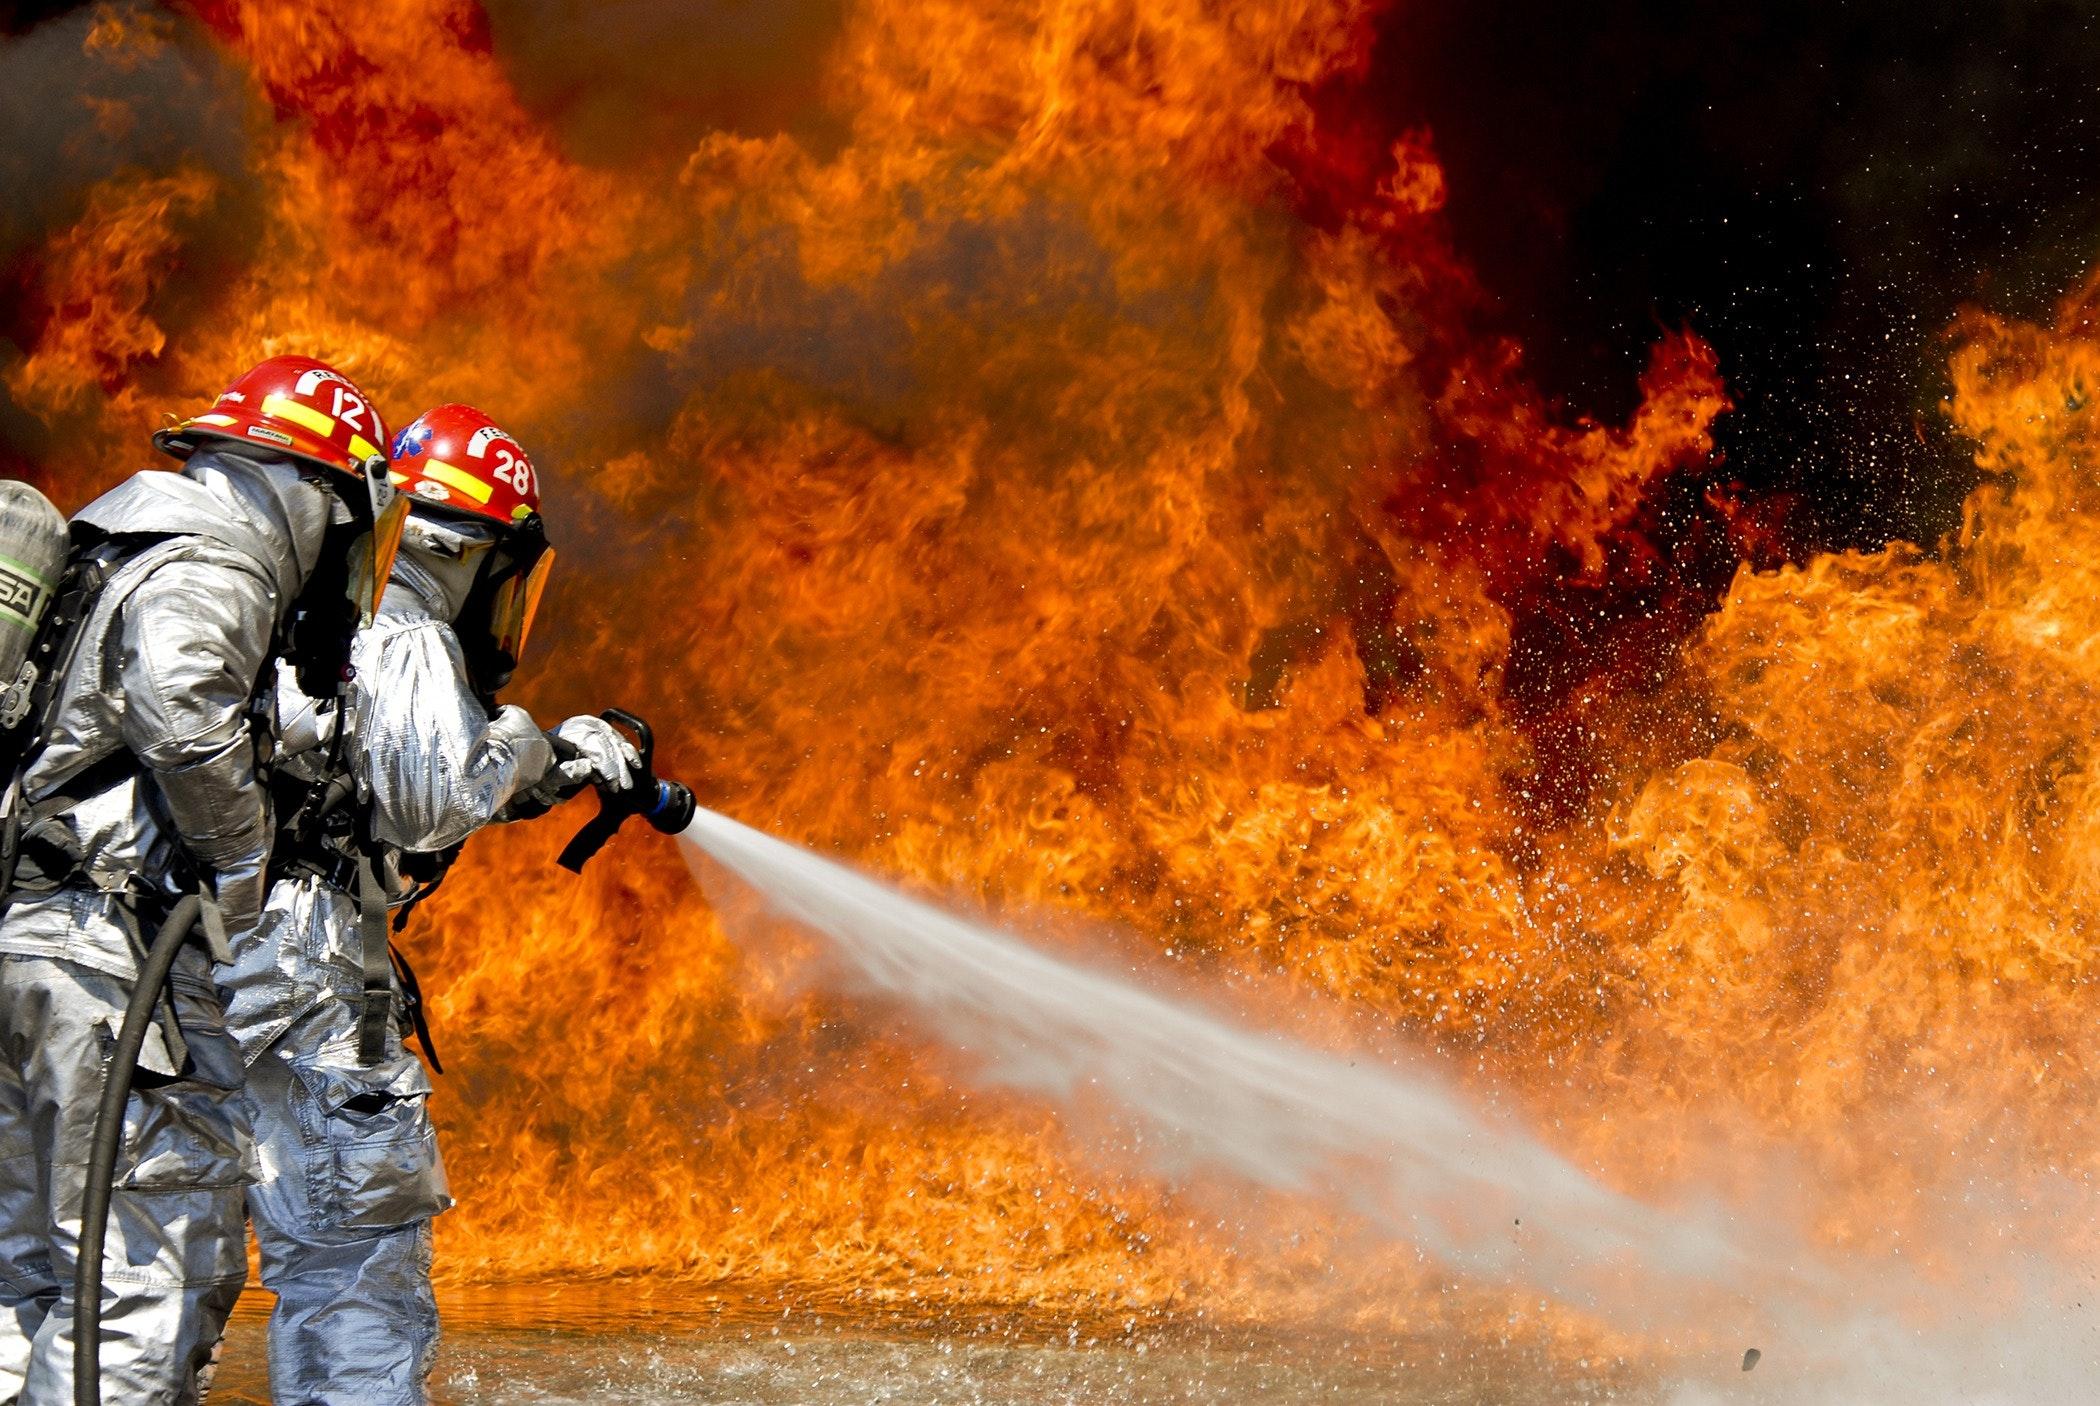 兩名身穿發光西裝的消防員正在用水滅火